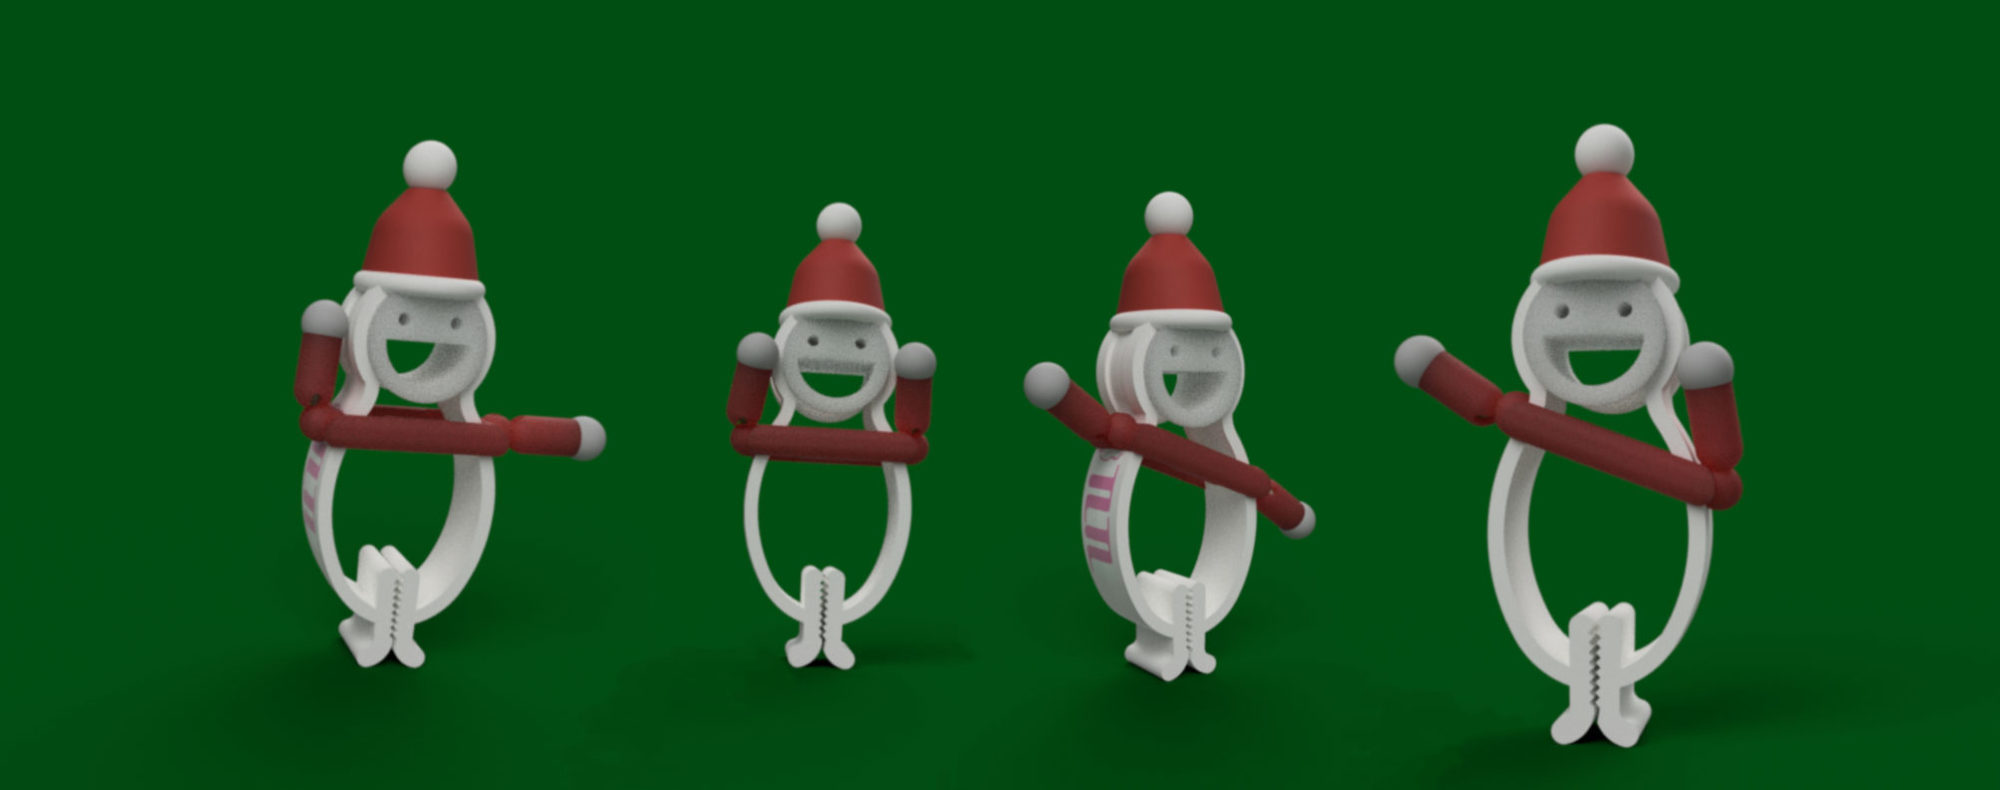 新サンタ シミュレーション